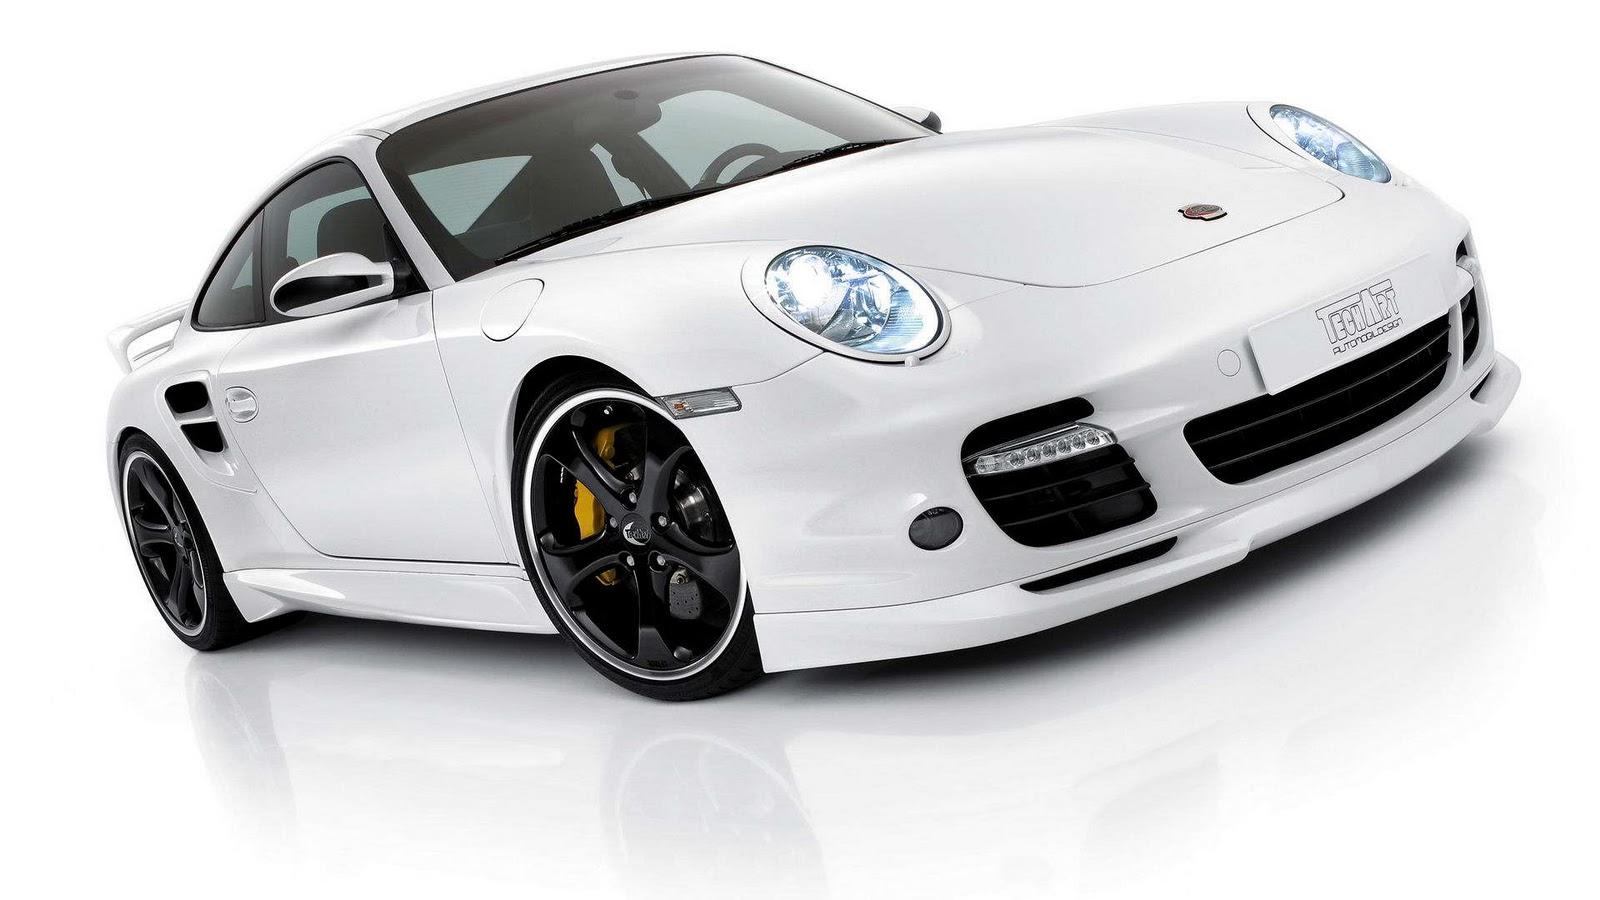 http://1.bp.blogspot.com/-BZq5AtJfN3I/TpNnNzR2-9I/AAAAAAAAAjg/NlqmRJXKs0Y/s1600/hd+car+wallpapers+1080p+1.jpg